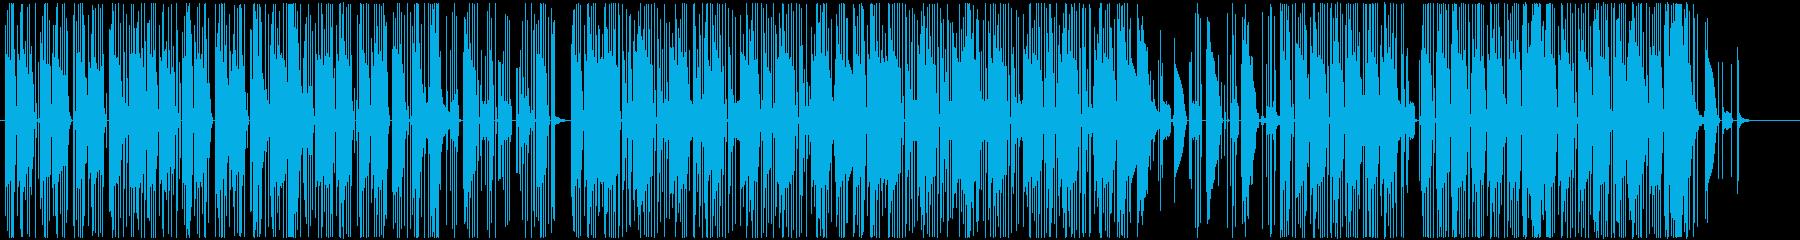 夜の雰囲気を持つアブストラクトなビートの再生済みの波形